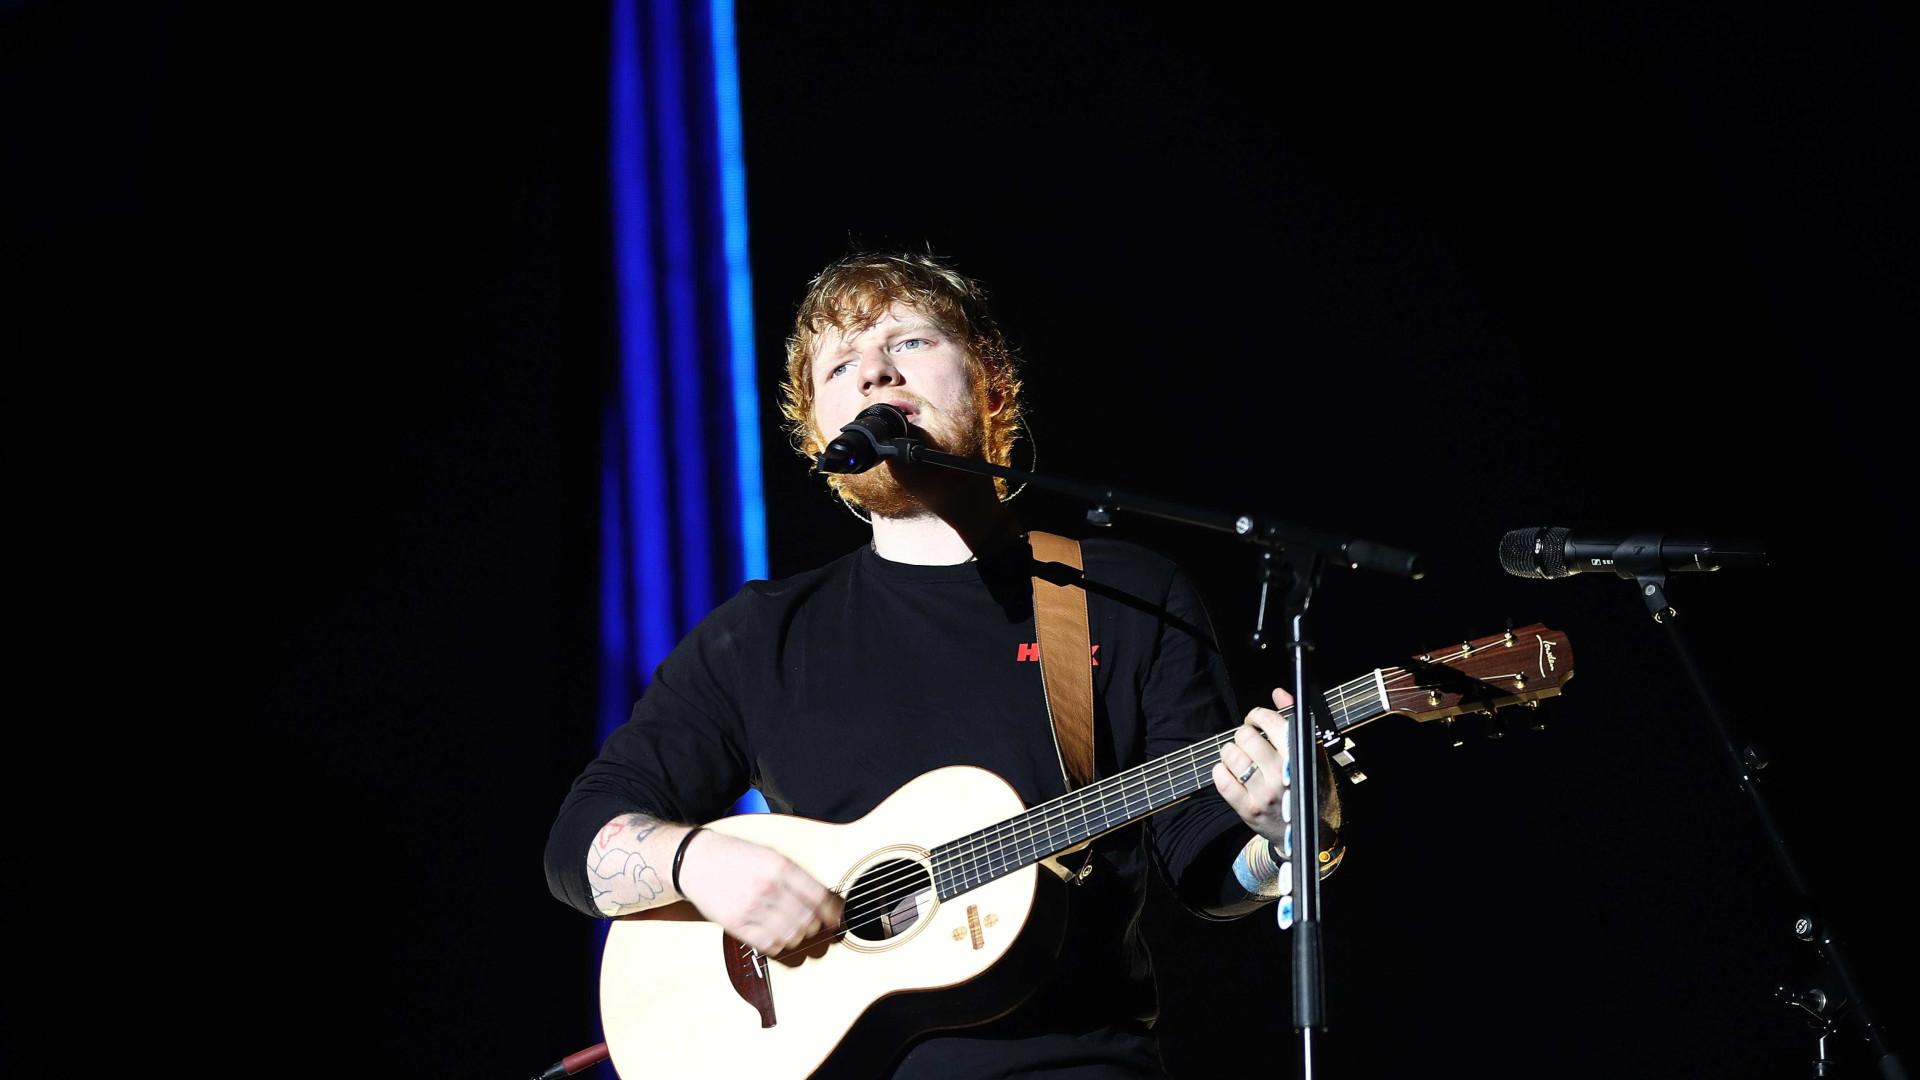 Ingressos para shows de Ed Sheeran no Brasil custam até R$ 650